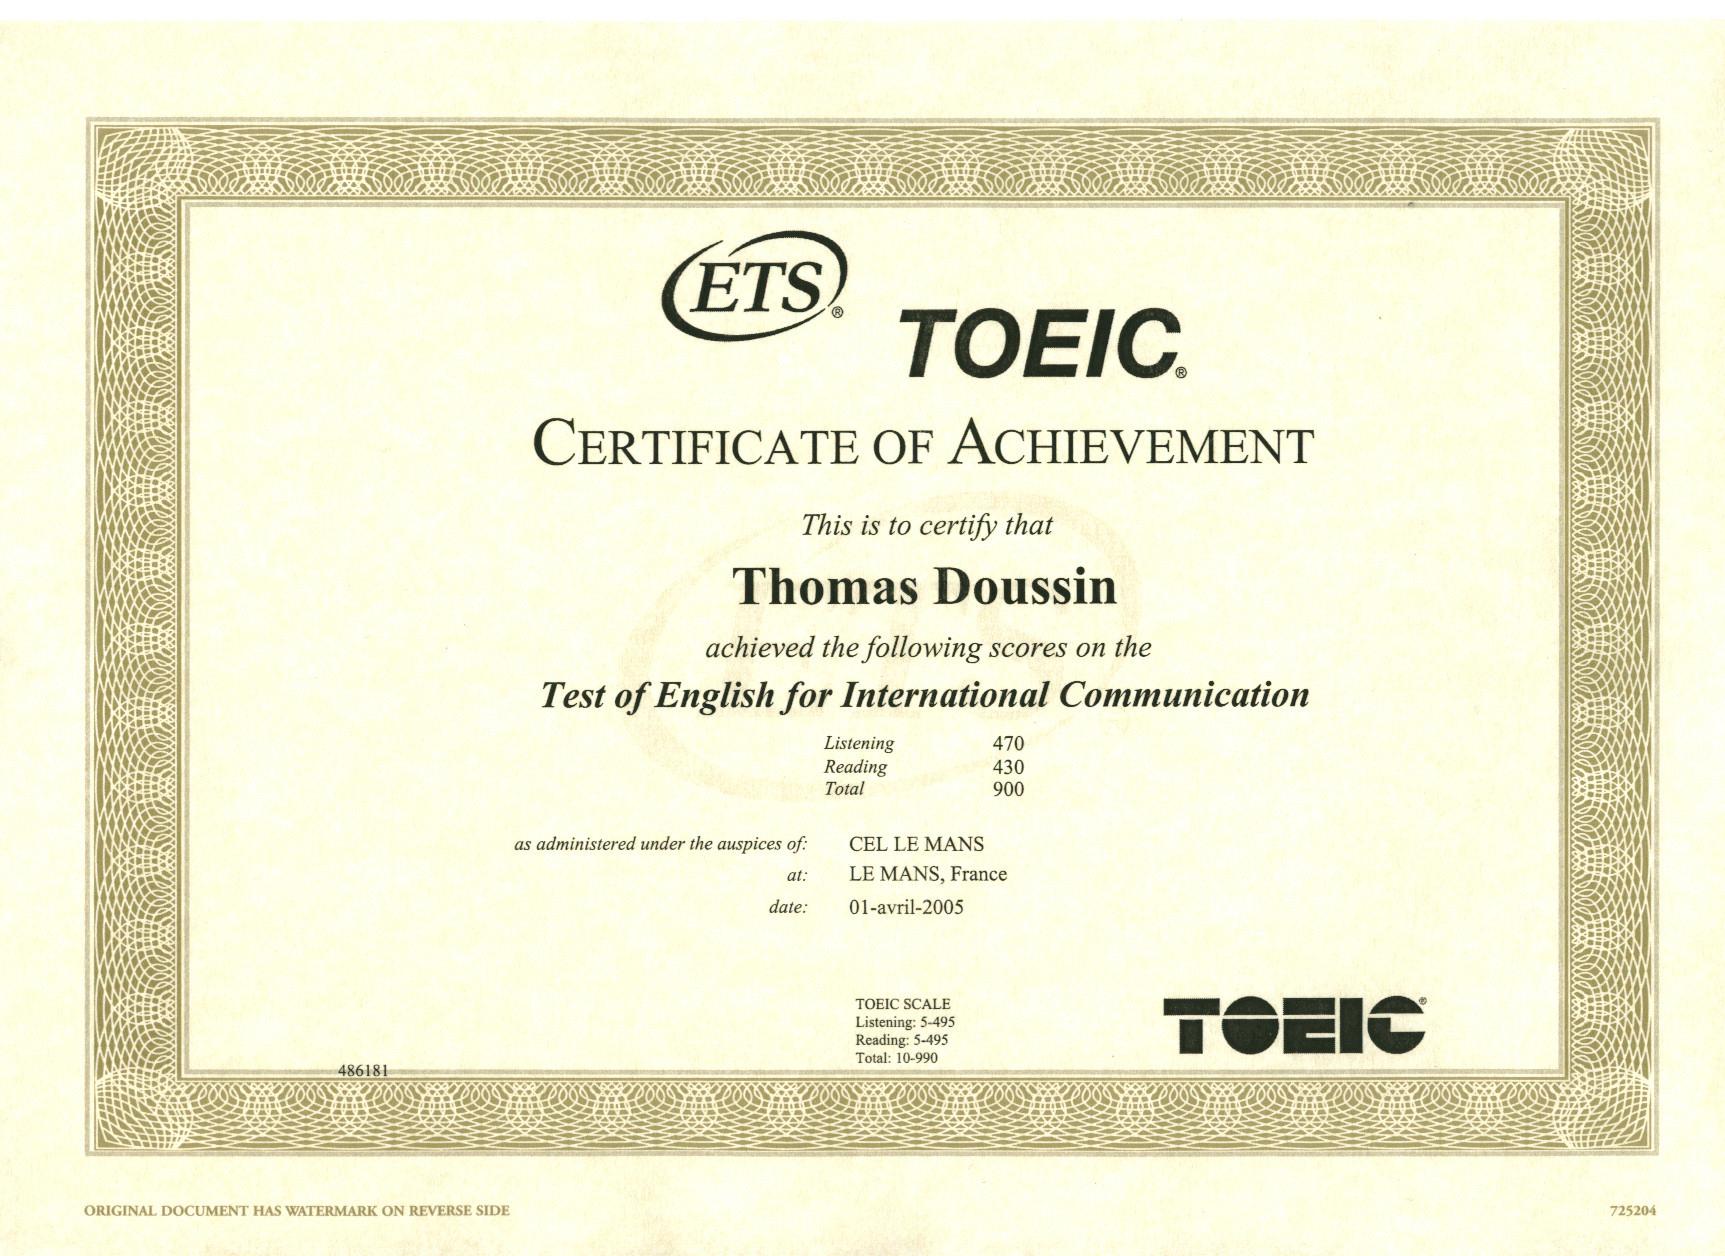 thomas doussin - product manager  u0026 ux designer